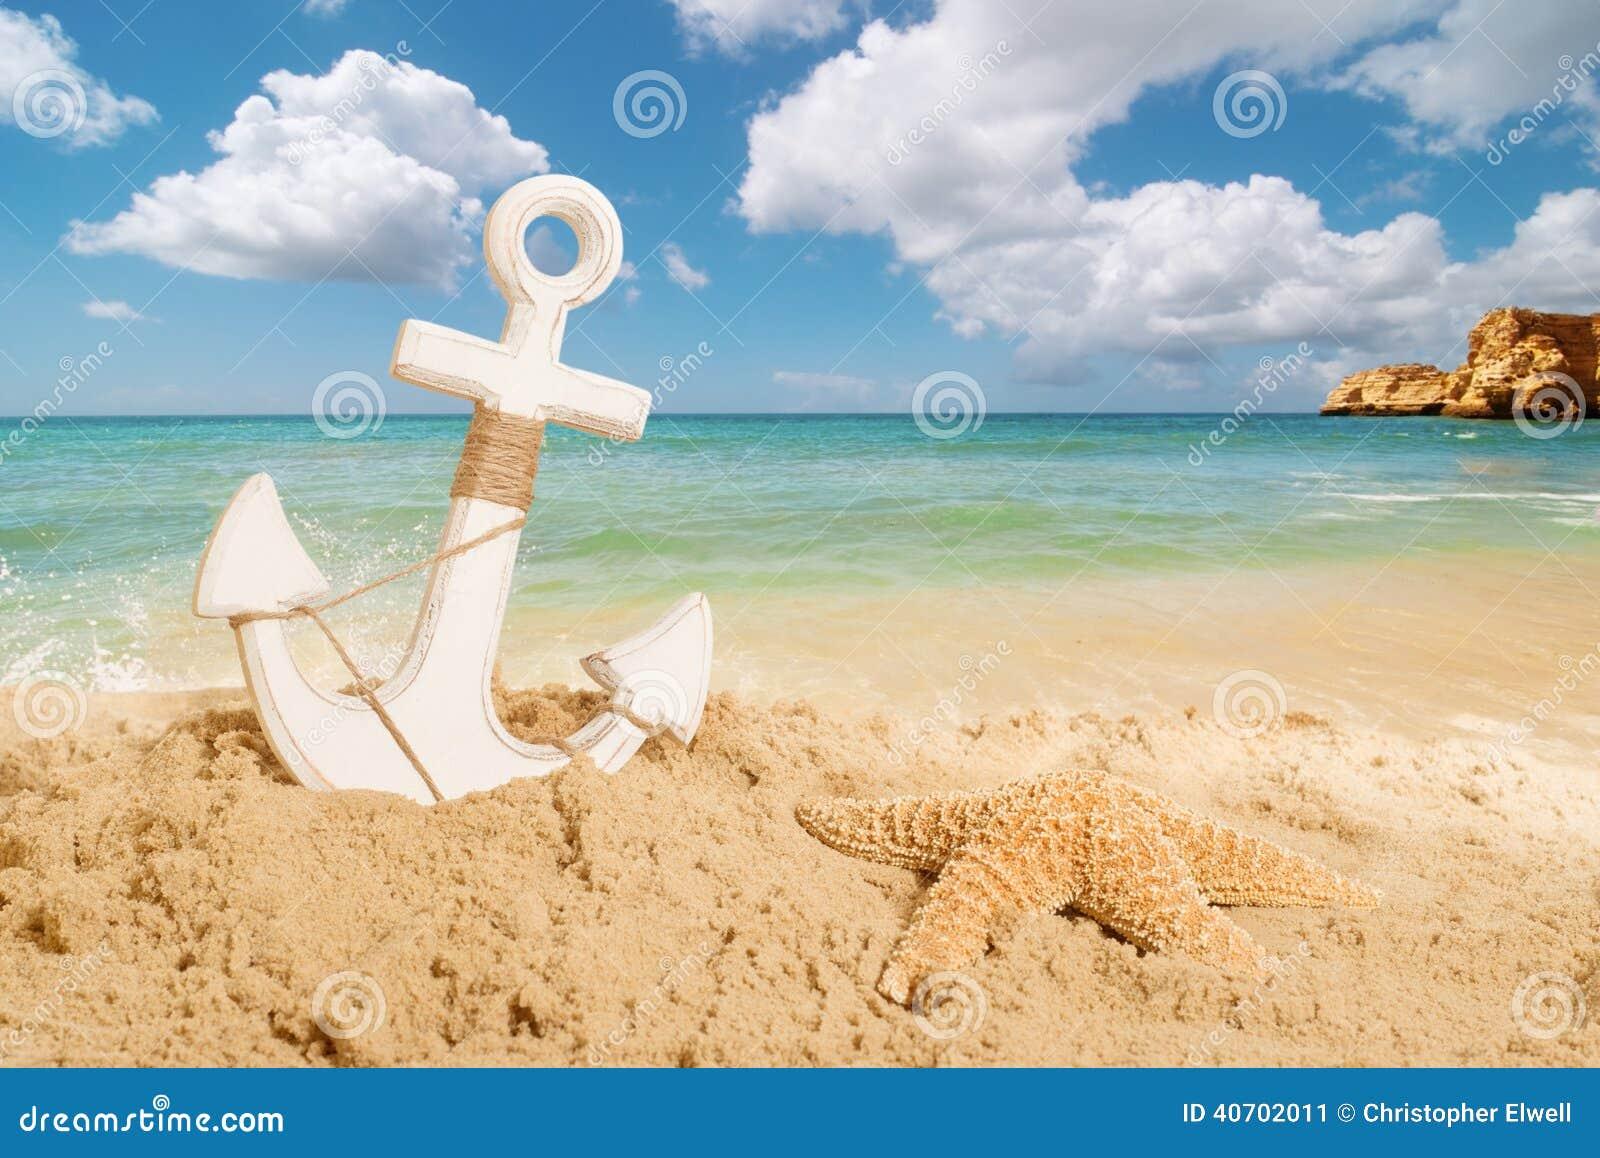 Kotwica na plaży